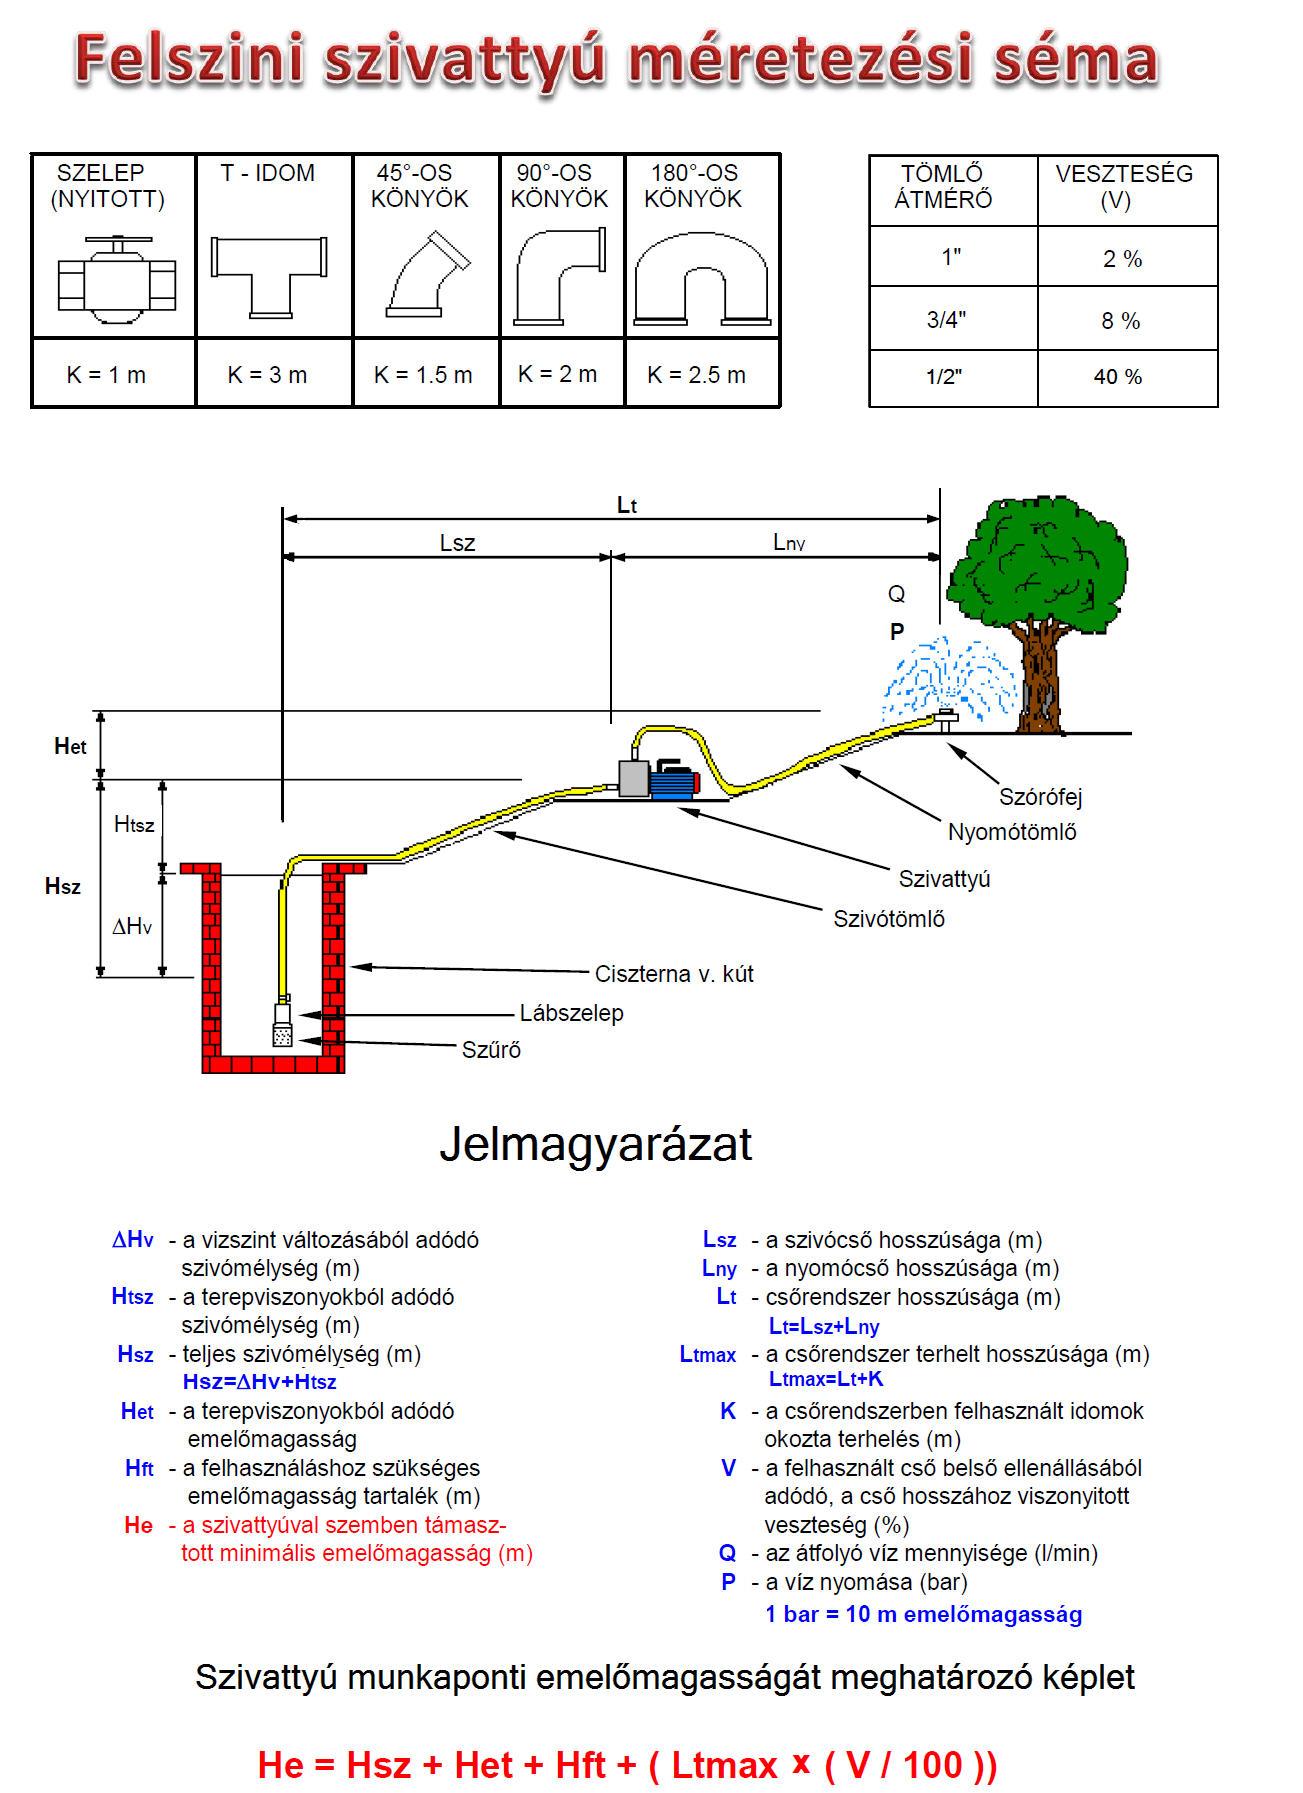 Felszini szivattyú méretezési séma